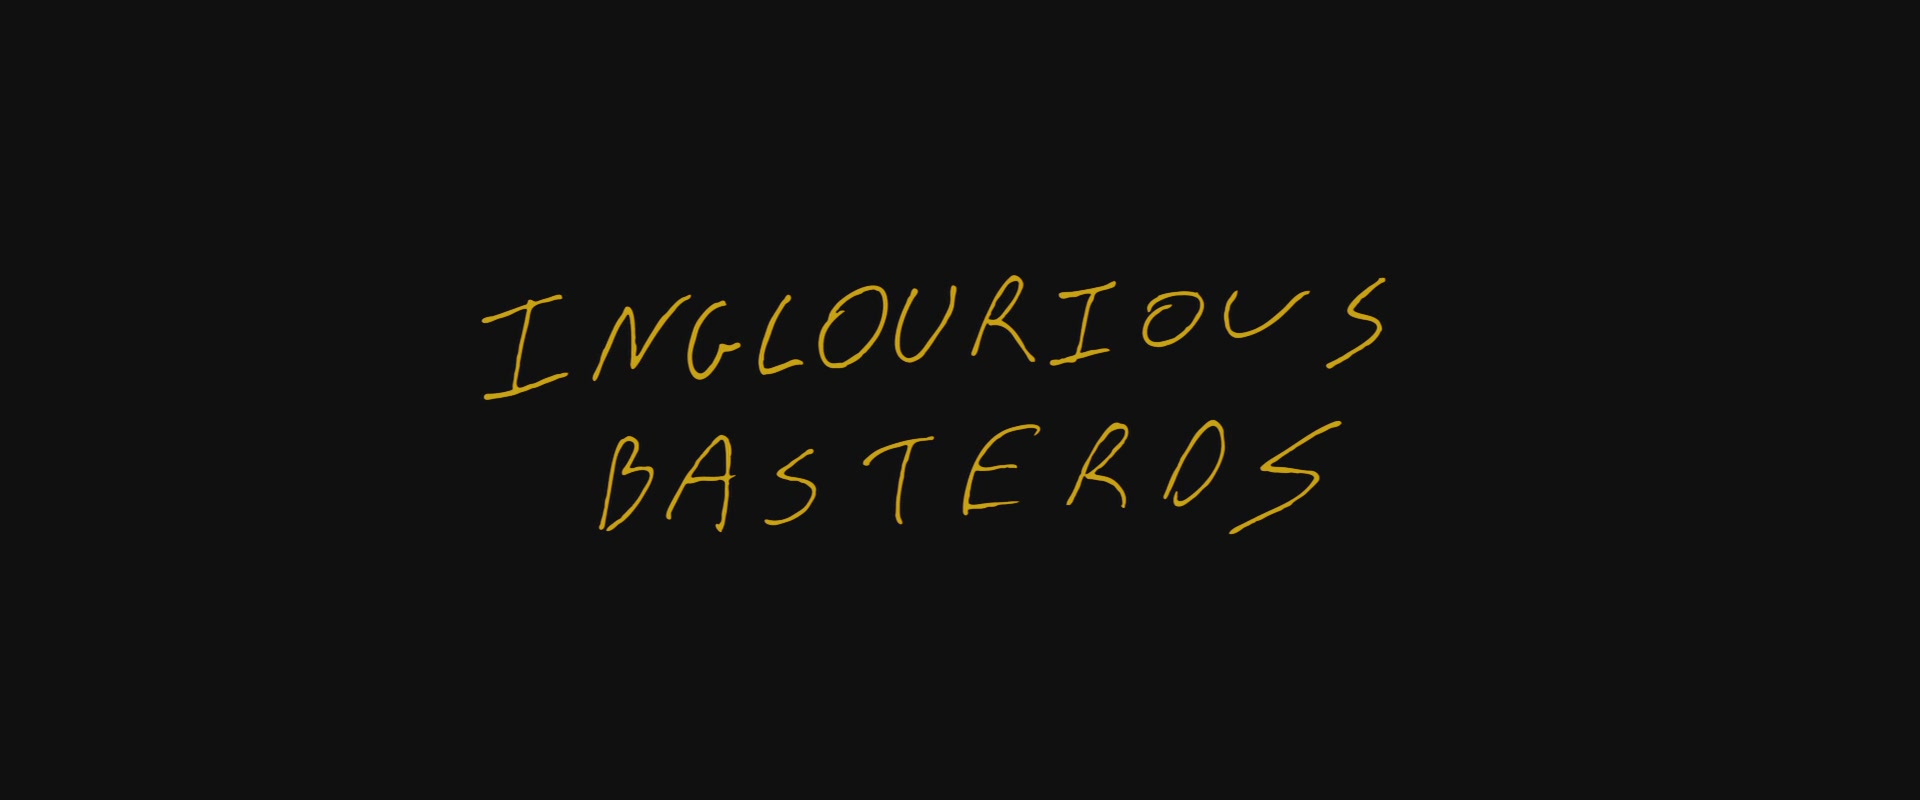 바스터즈 : 거친 녀석들(Inglourious Basterds, 2009)